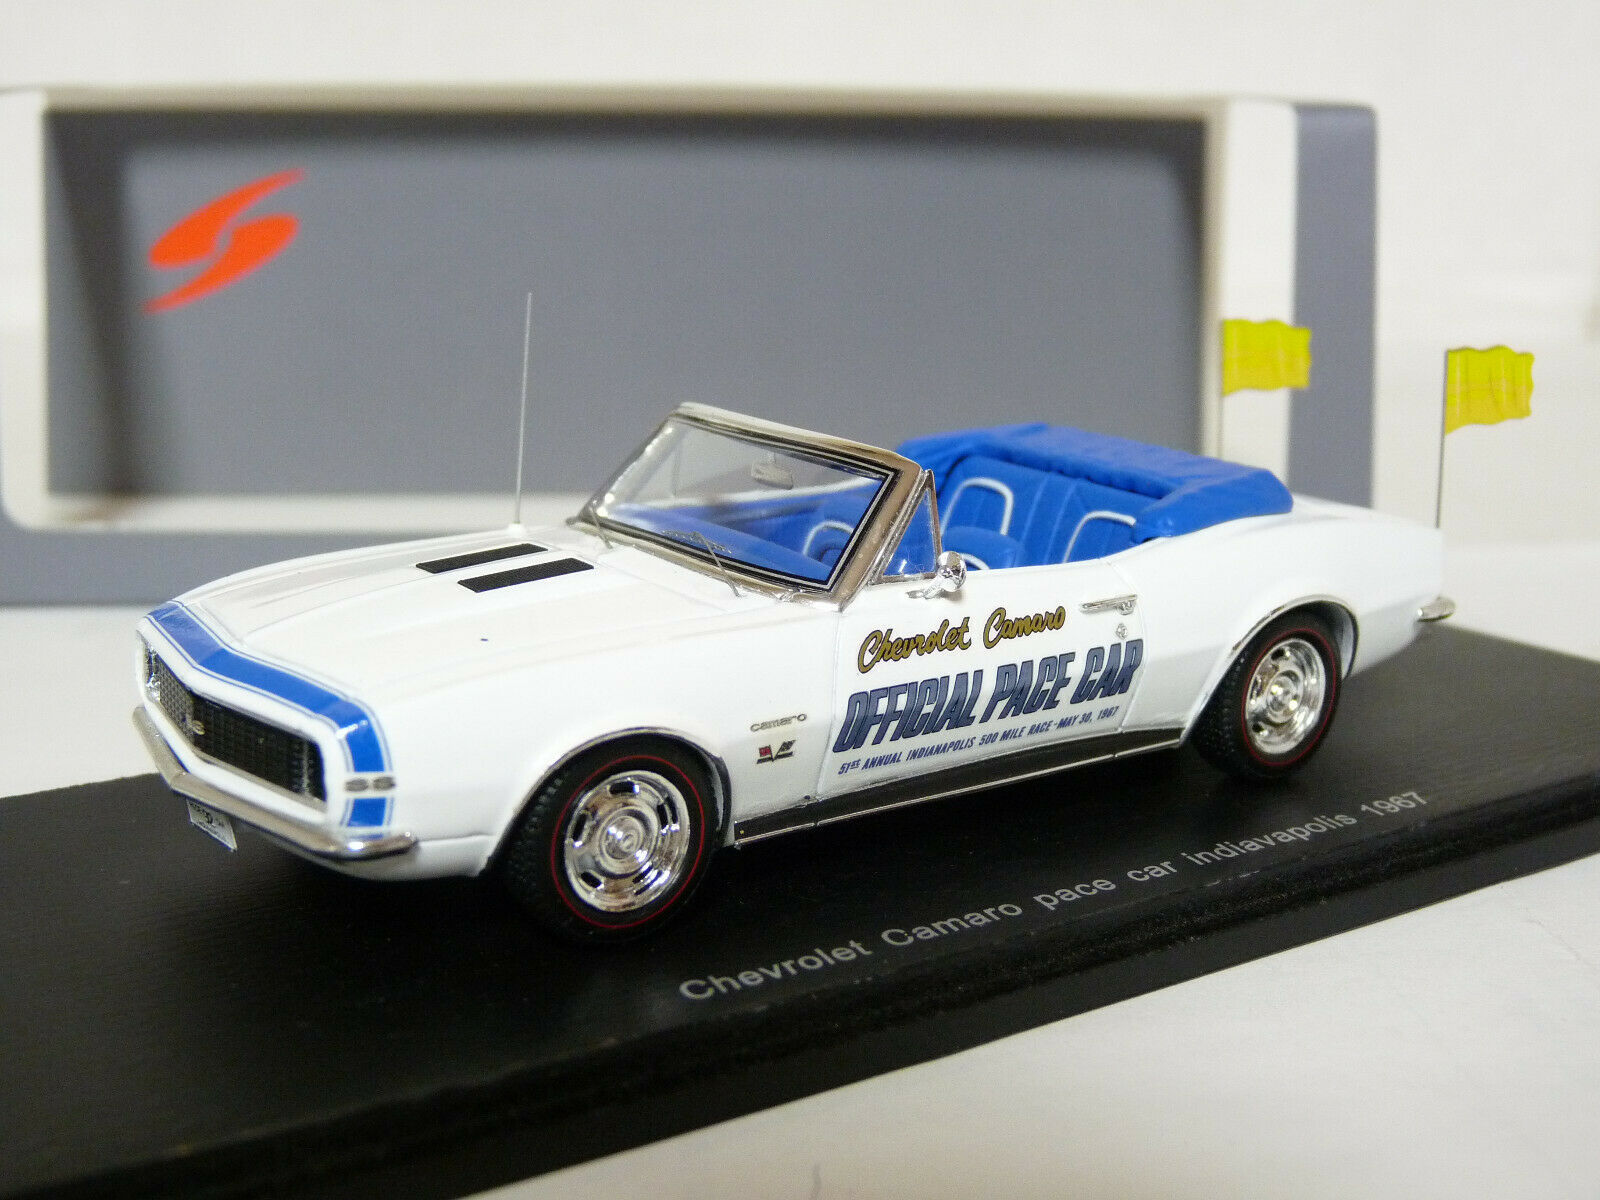 descuento online Spark S2613 1 43 1967 Chevrolet Camaro Camaro Camaro Pace Coche Indianapolis modelo de resina  barato